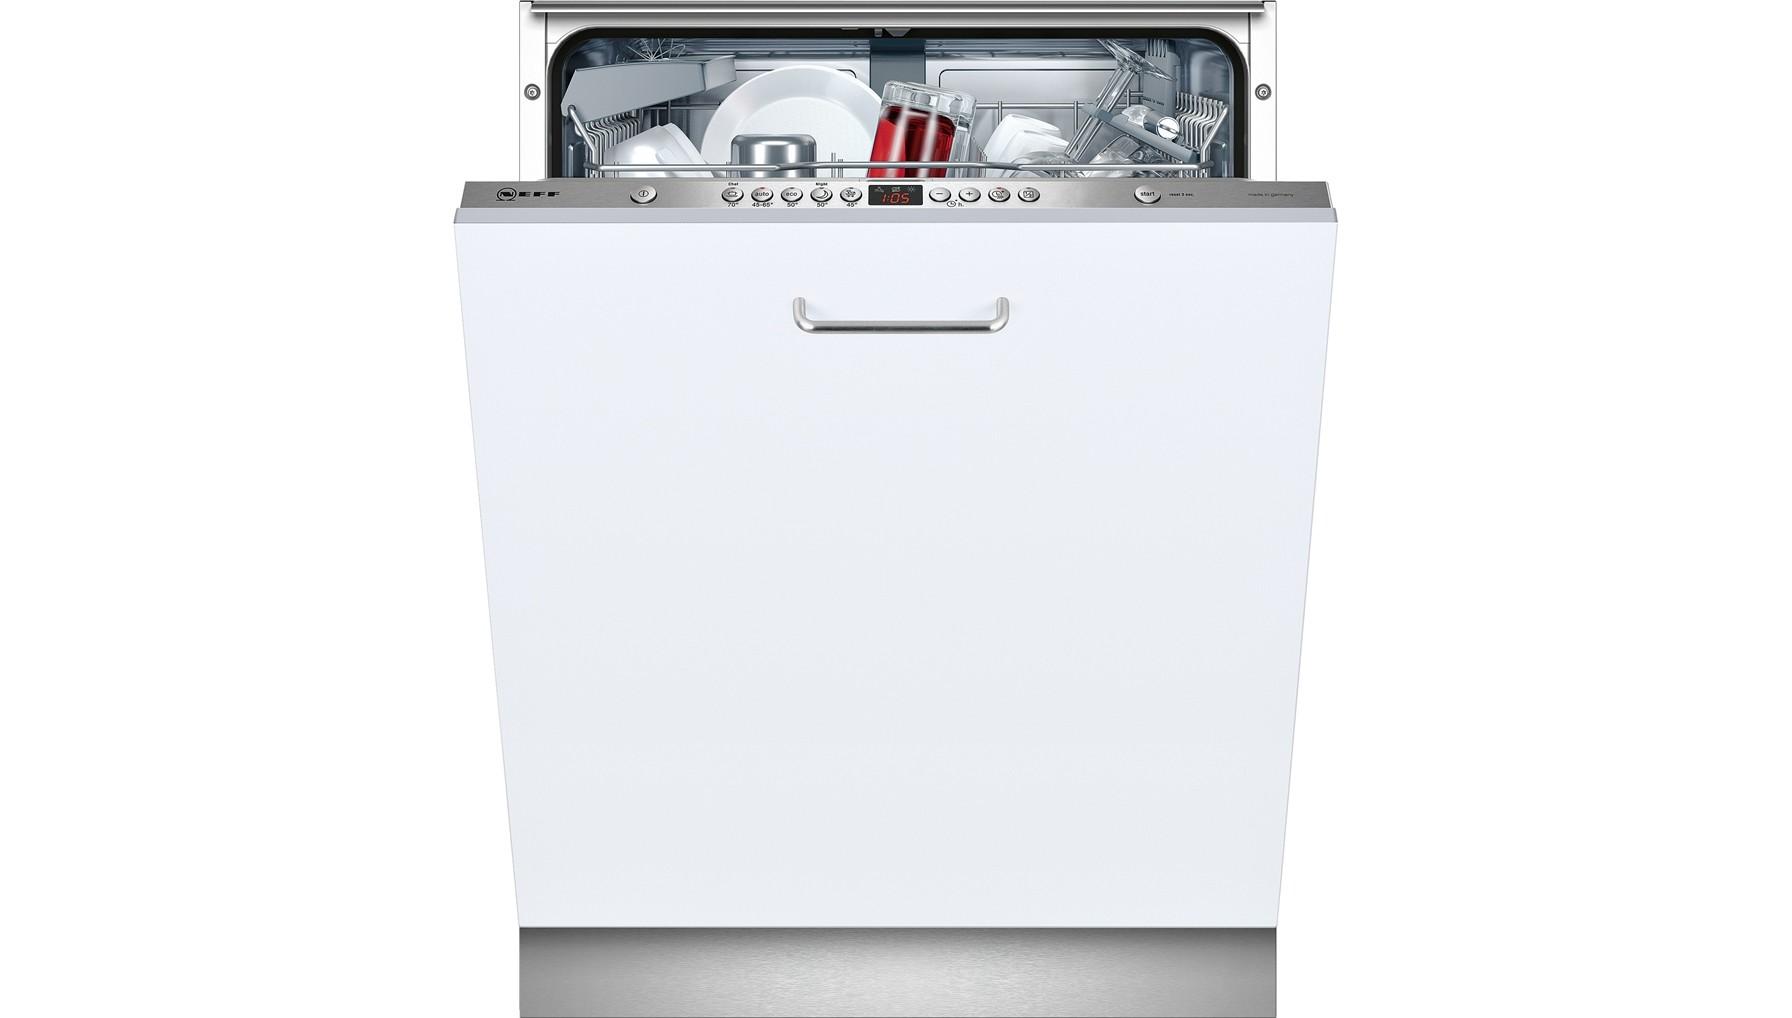 схема встройки посудомоечной машины